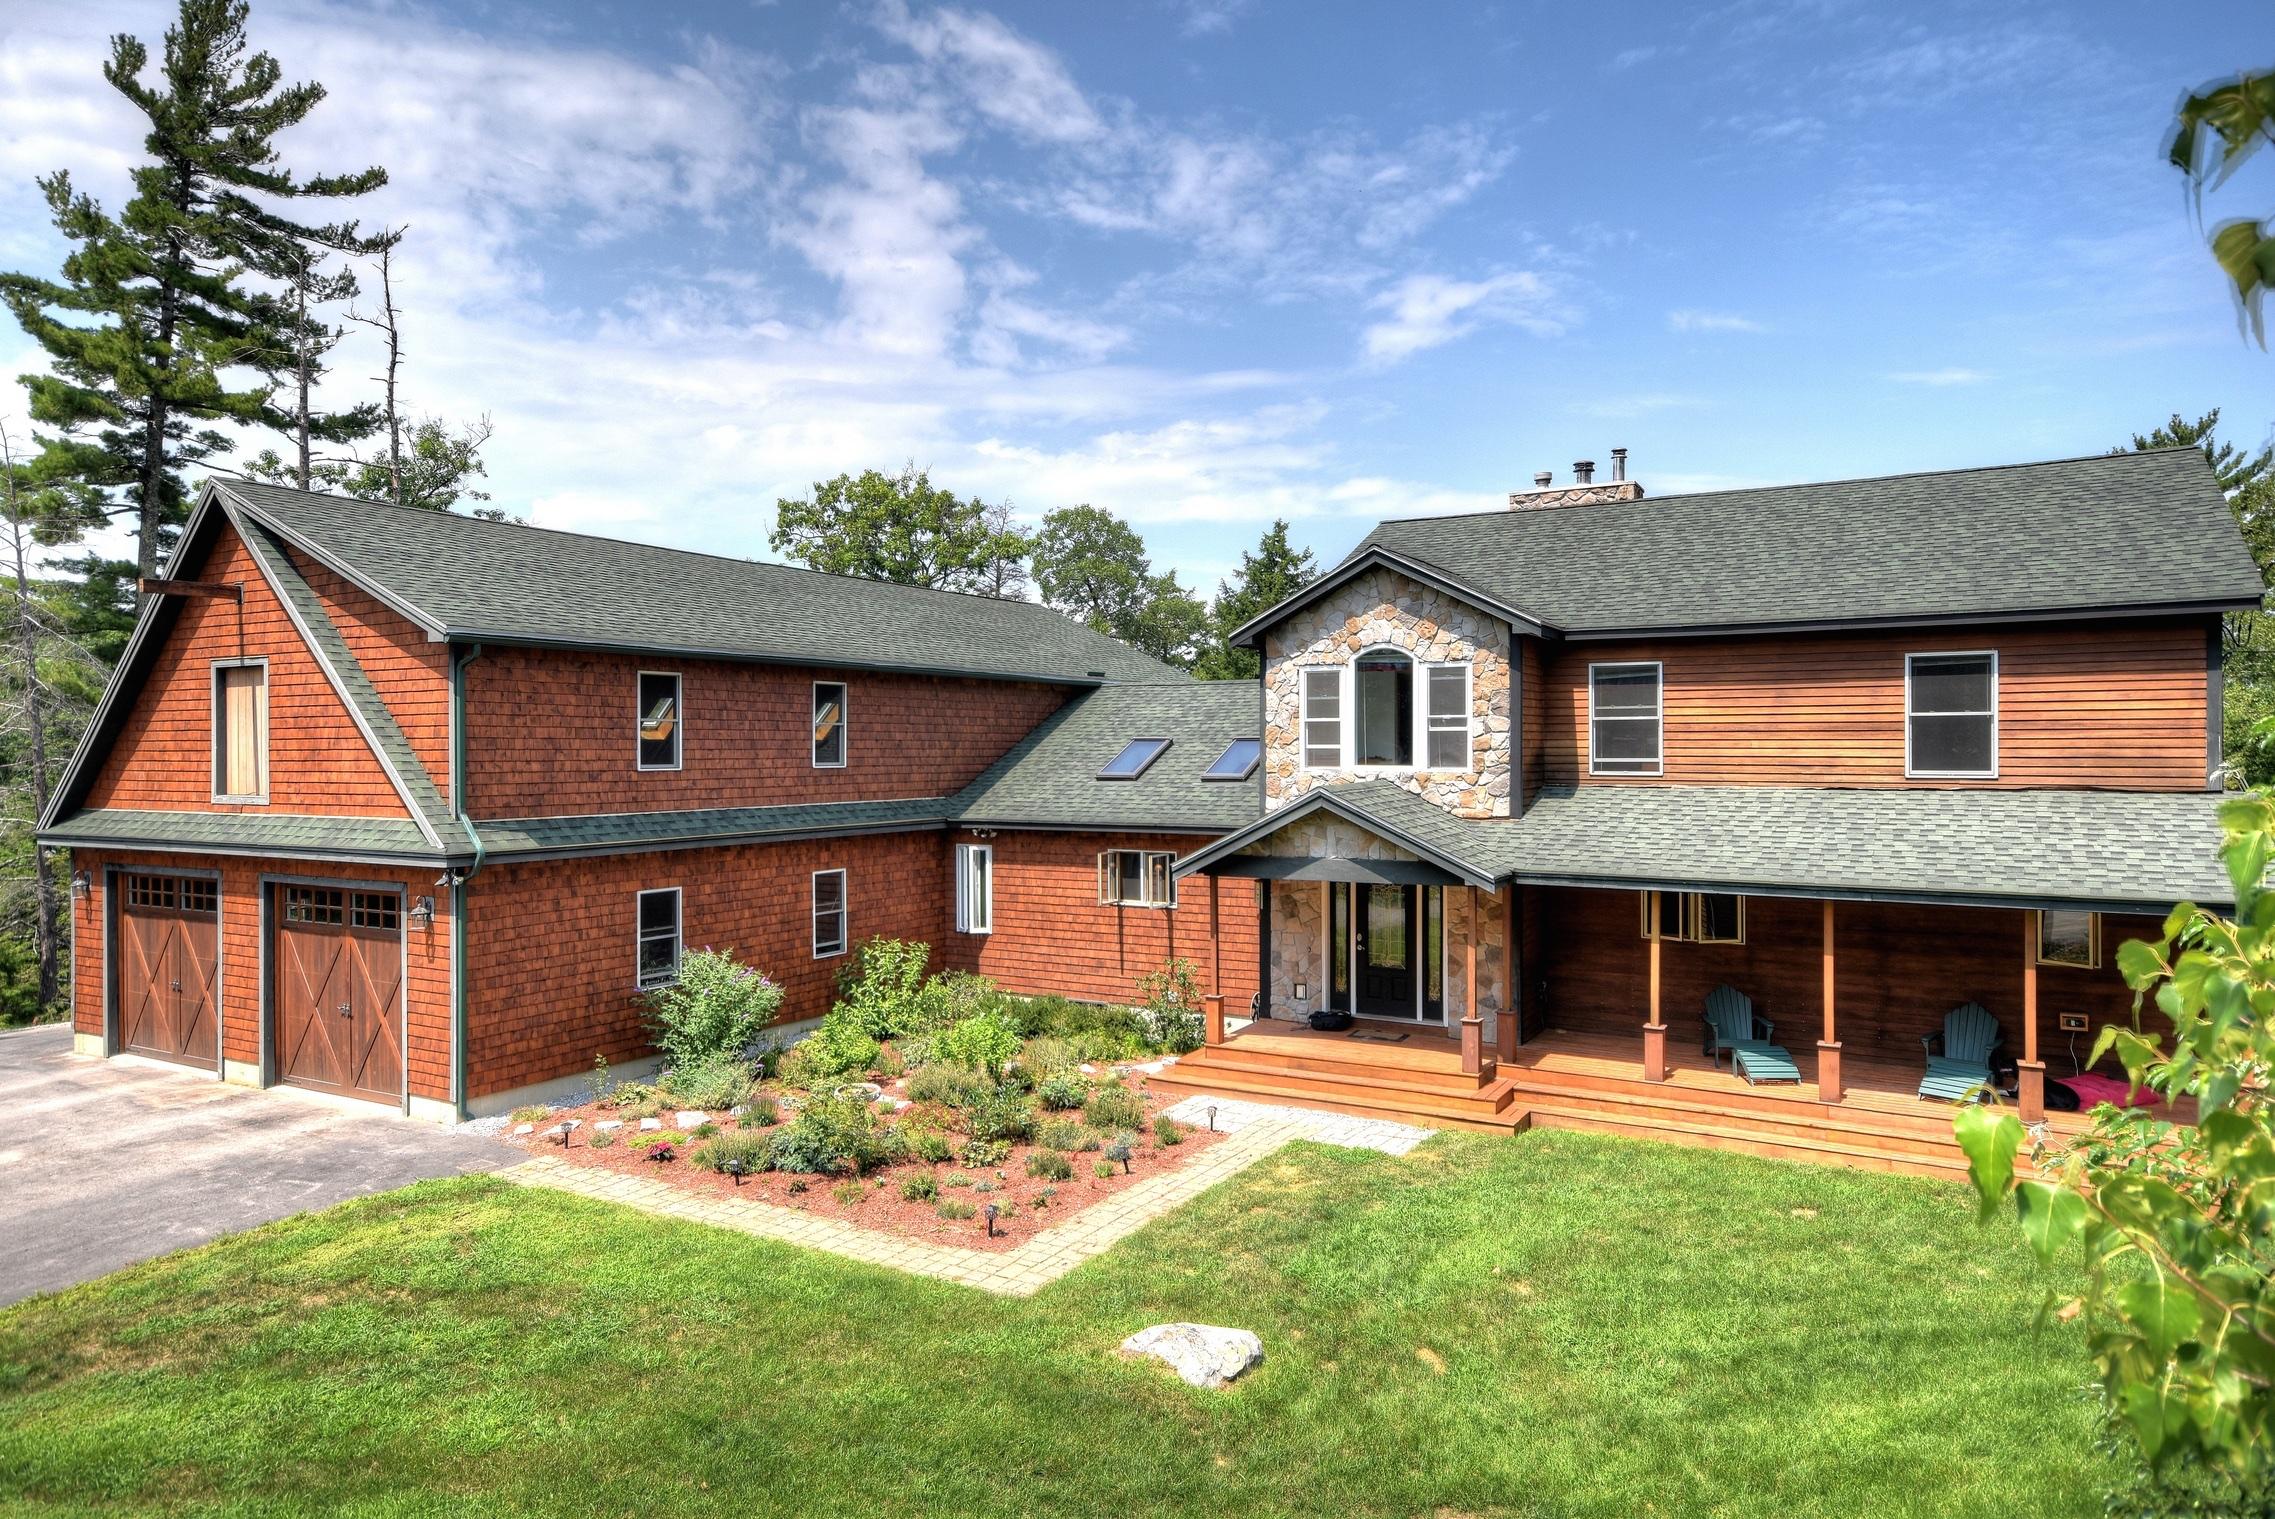 Maison unifamiliale pour l Vente à 31 Mauhaut Shores Rd, Alton Alton, New Hampshire, 03810 États-Unis